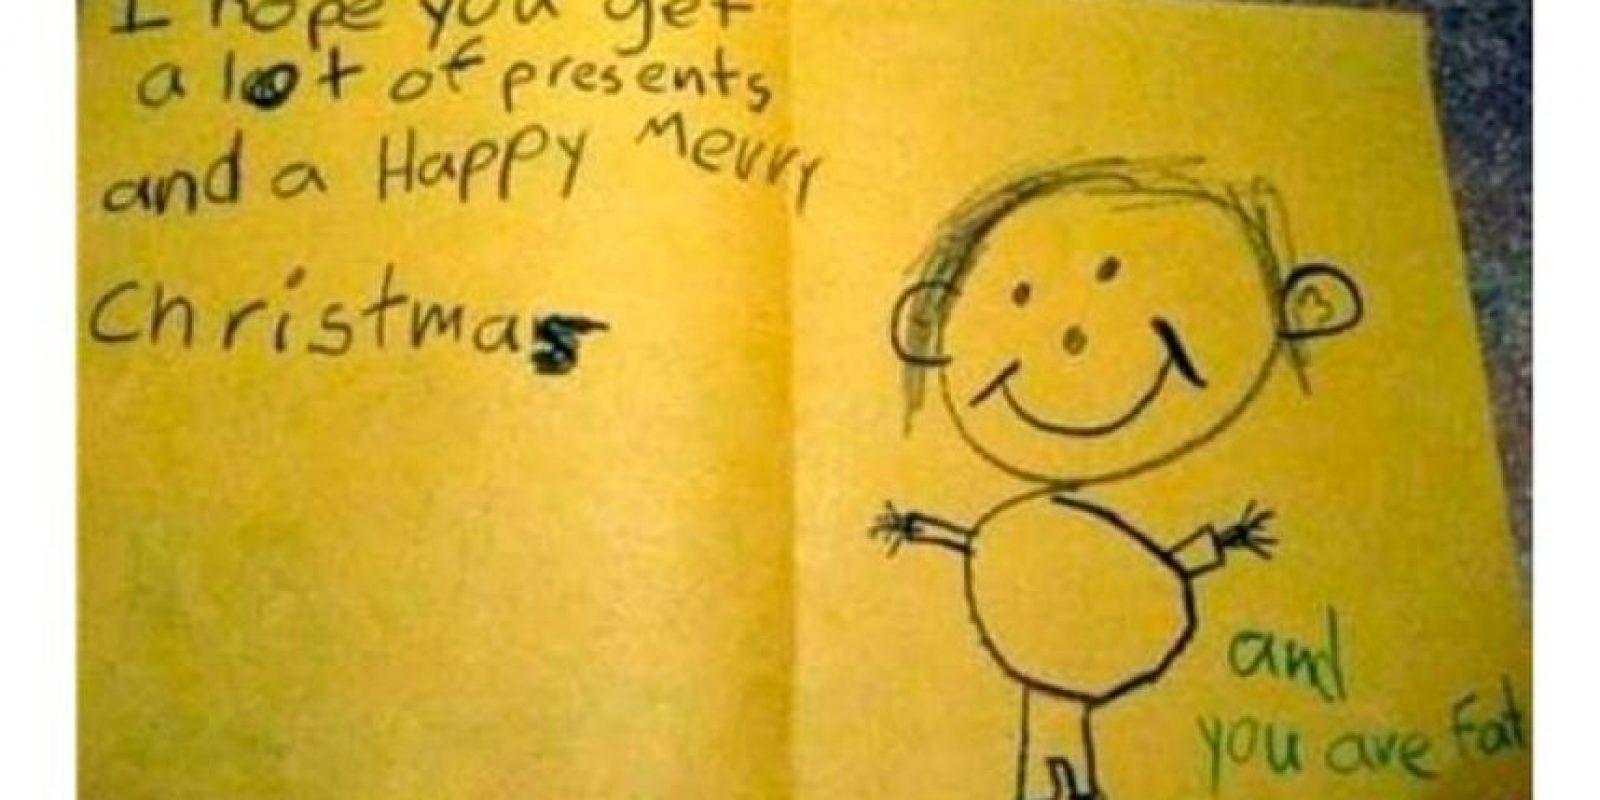 Lindo saludo de Navidad. Y tú eres gordo. Foto:vía MommyLand